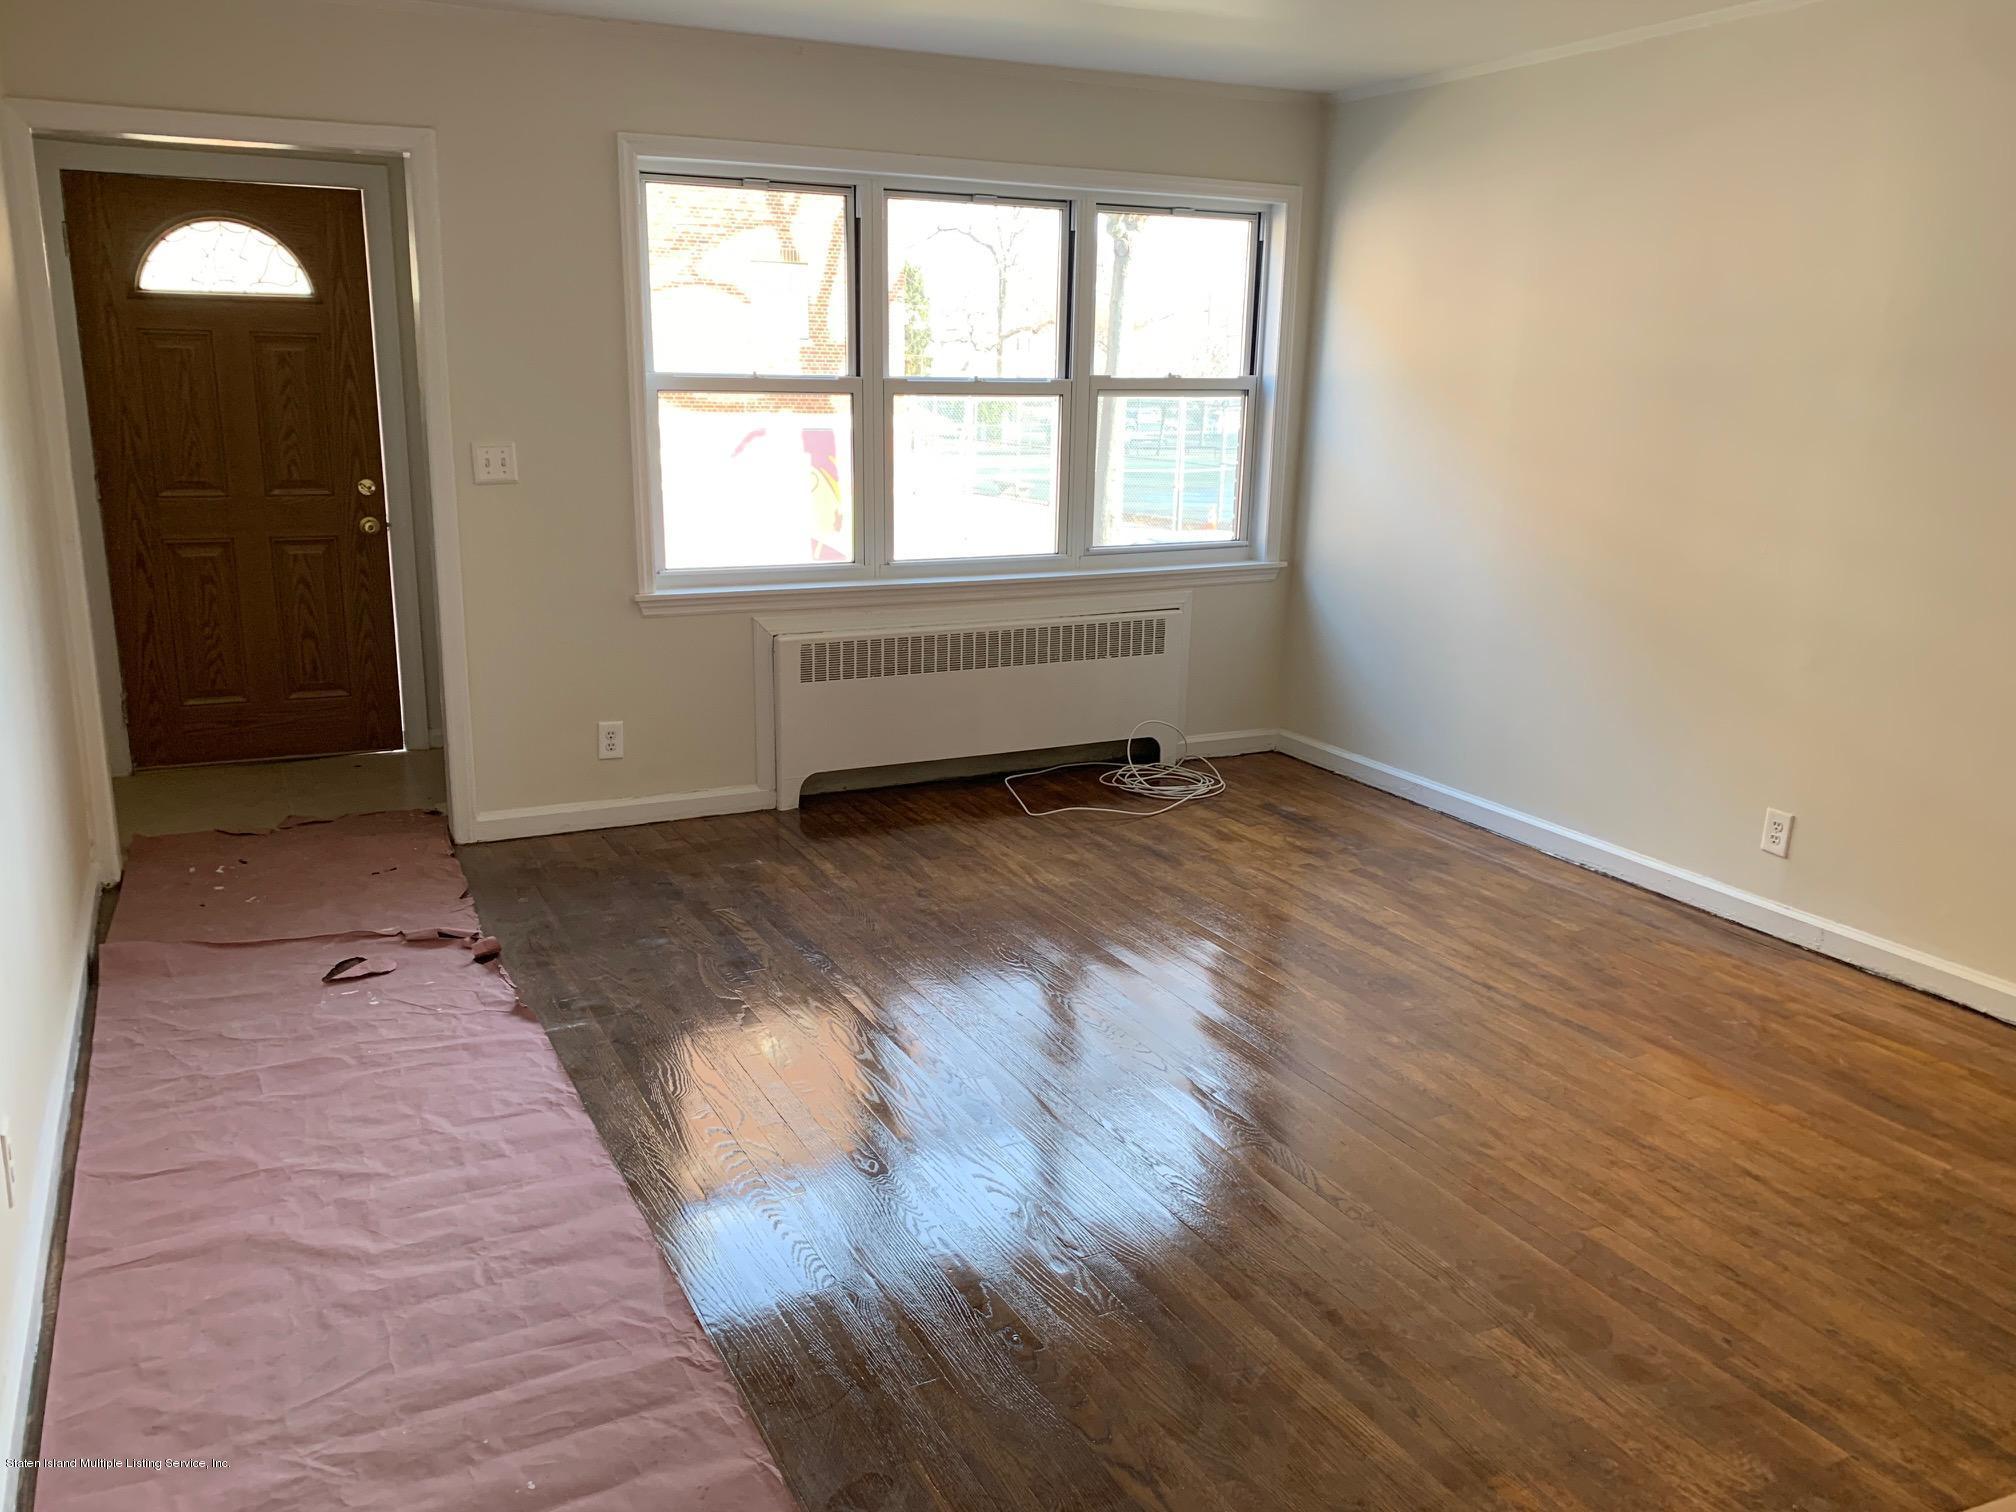 290 Locust Avenue,Staten Island,New York,10306,United States,4 Bedrooms Bedrooms,7 Rooms Rooms,3 BathroomsBathrooms,Res-Rental,Locust,1134326